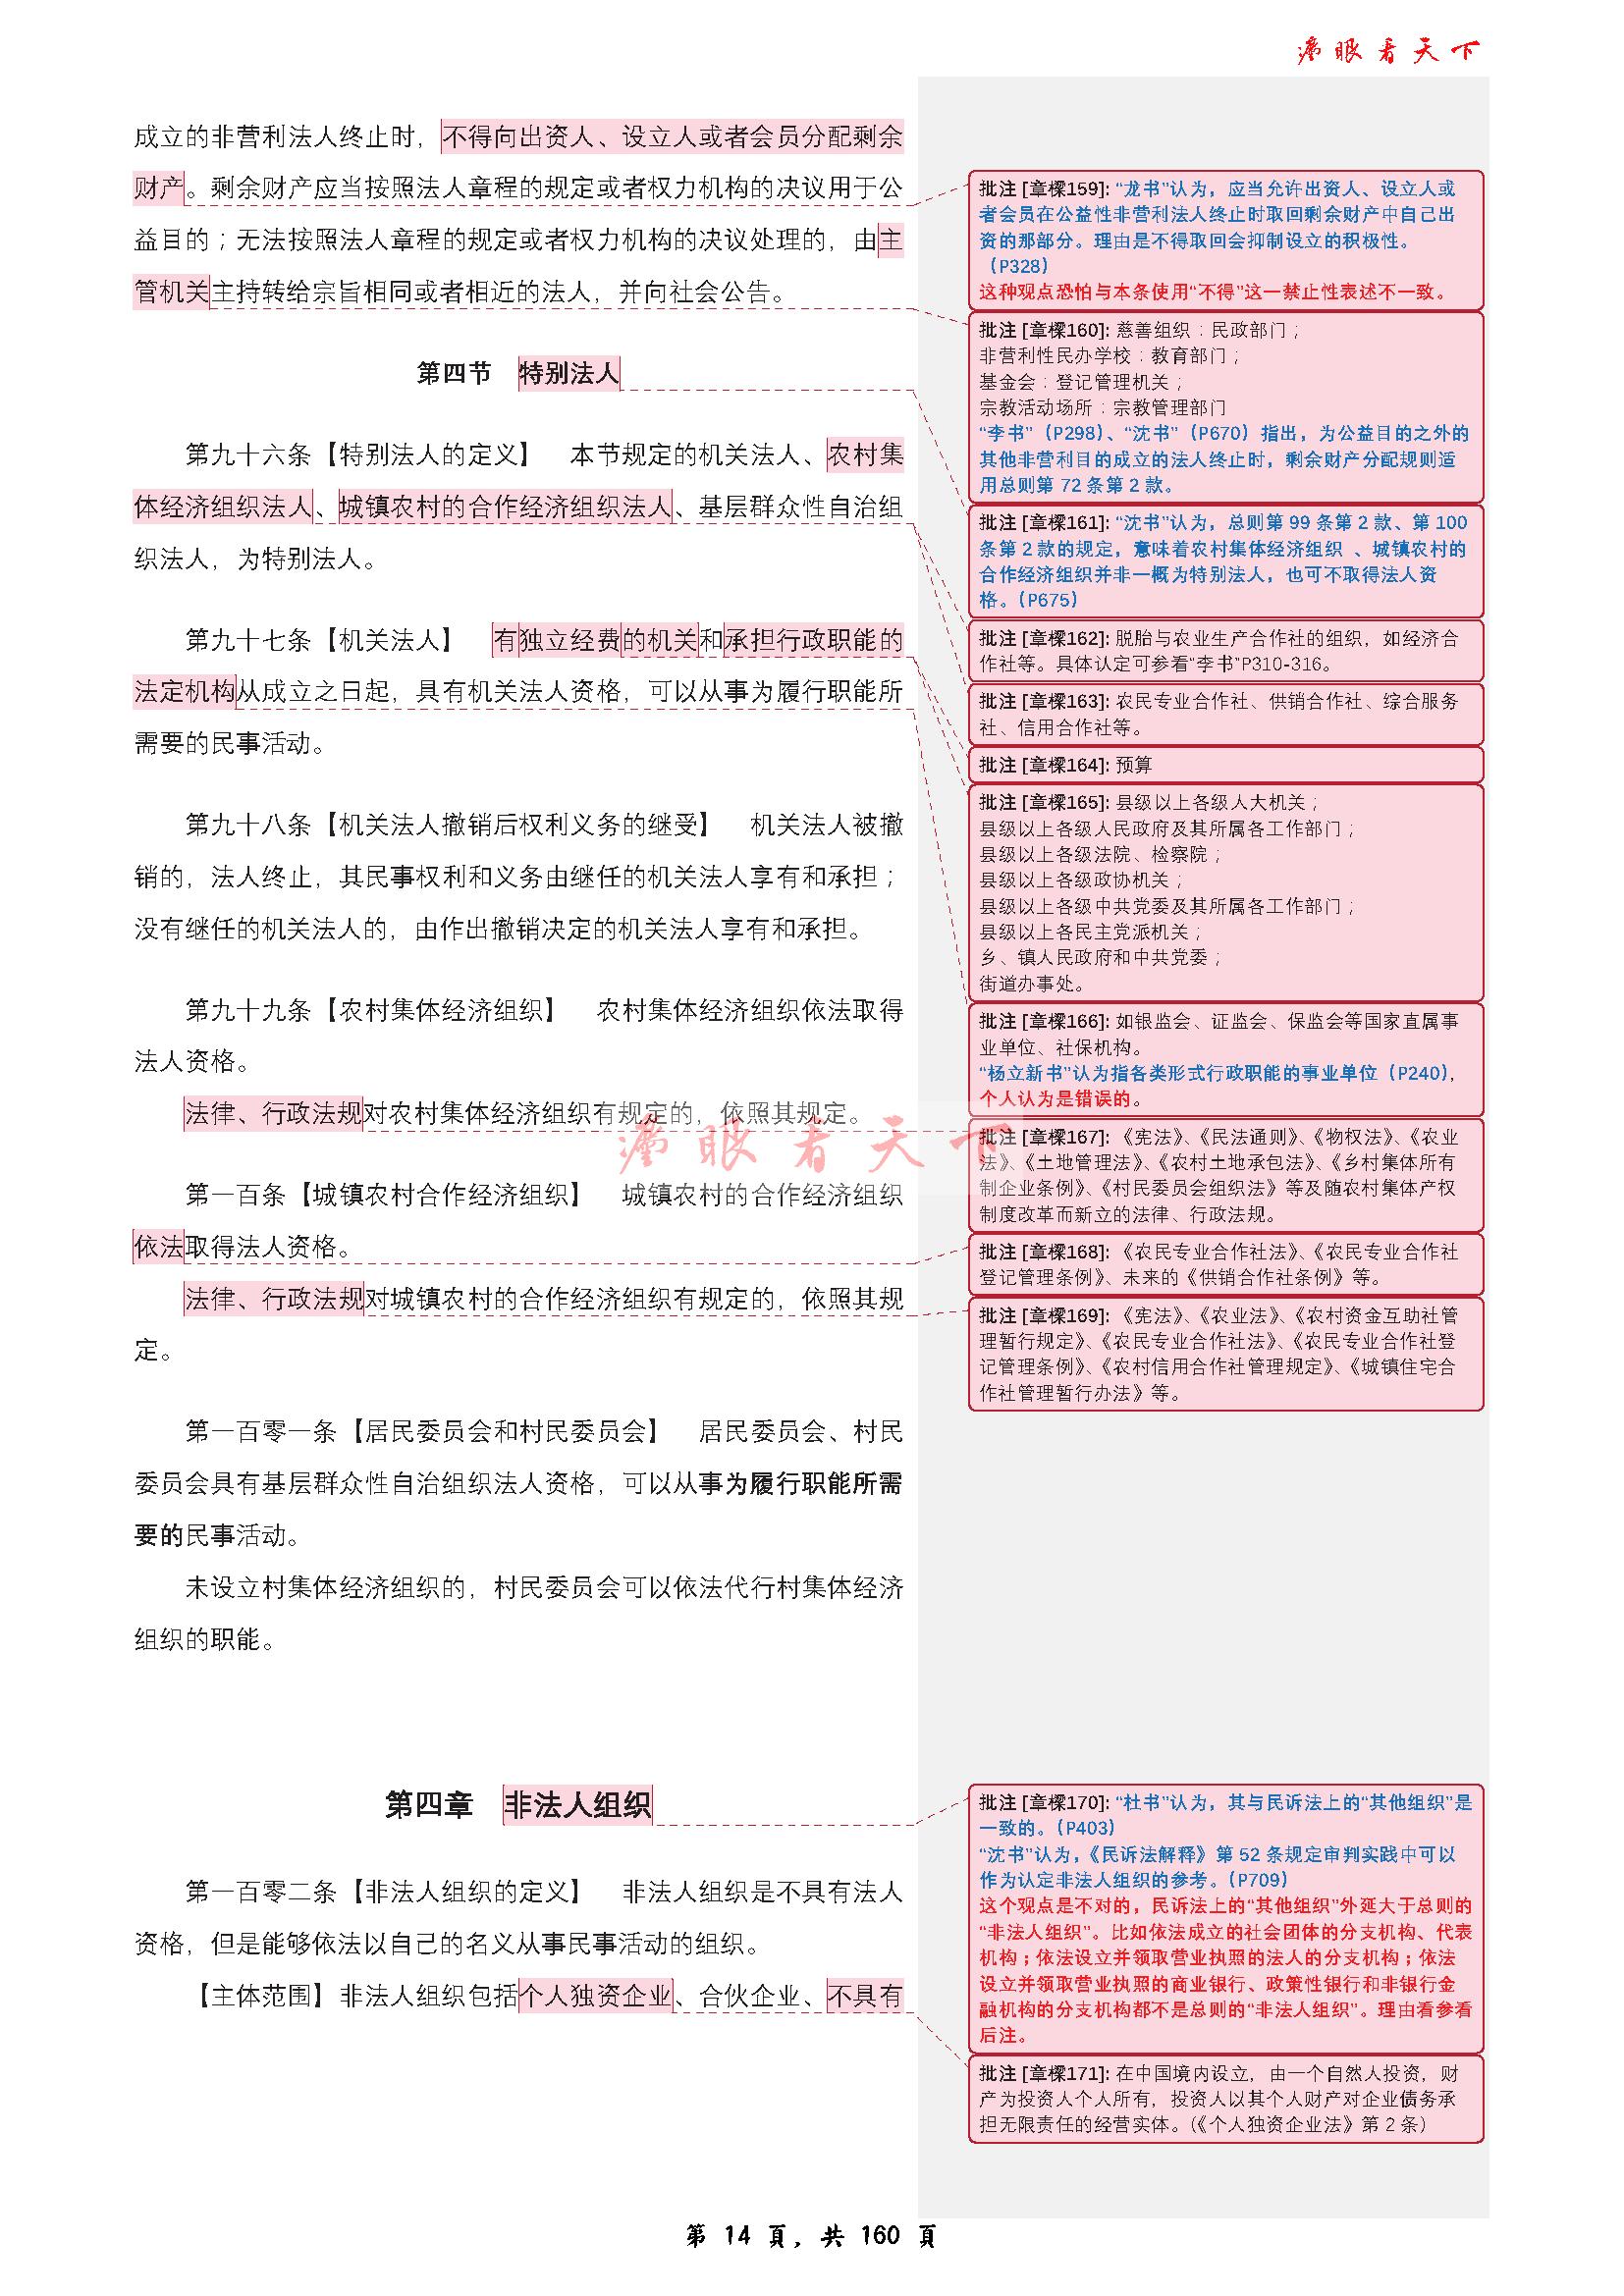 民法总则批注_页面_14.png